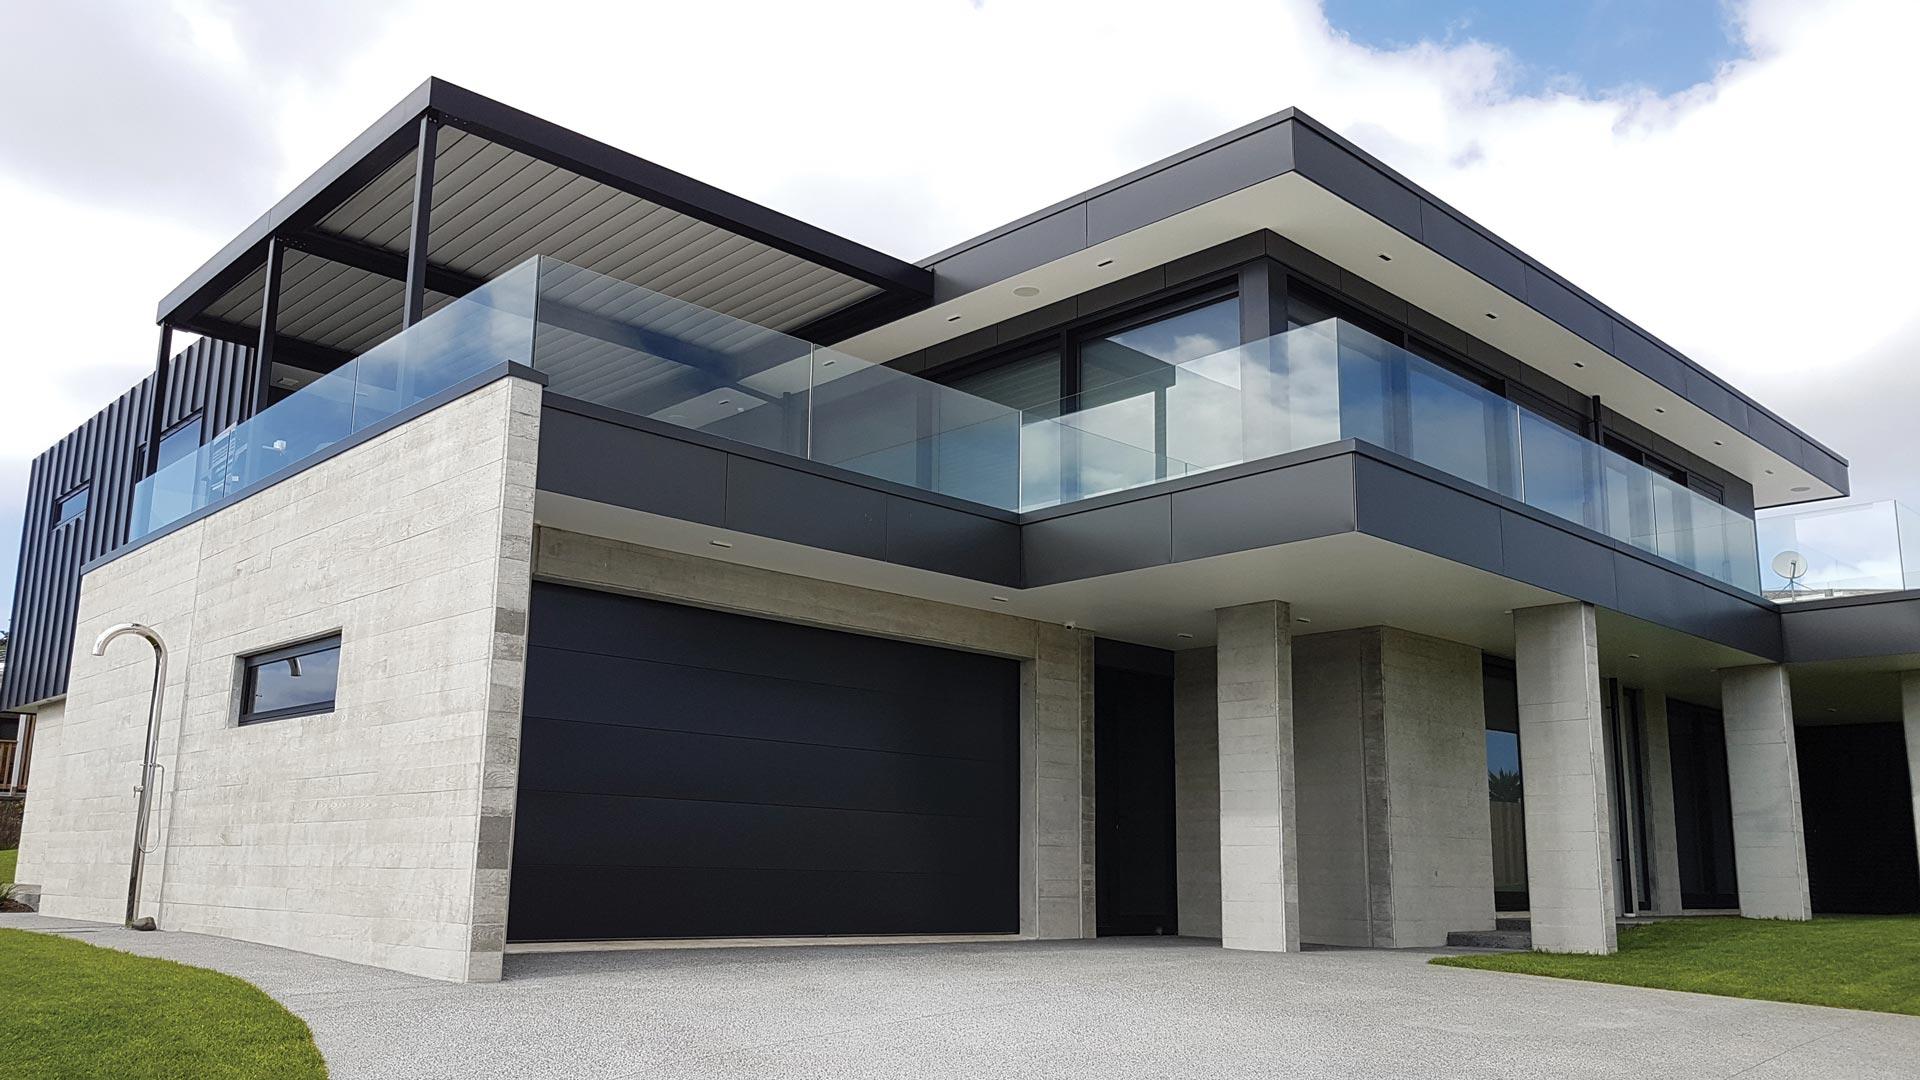 textured-preacst-concrete-home-2019-08-27-12.07.10